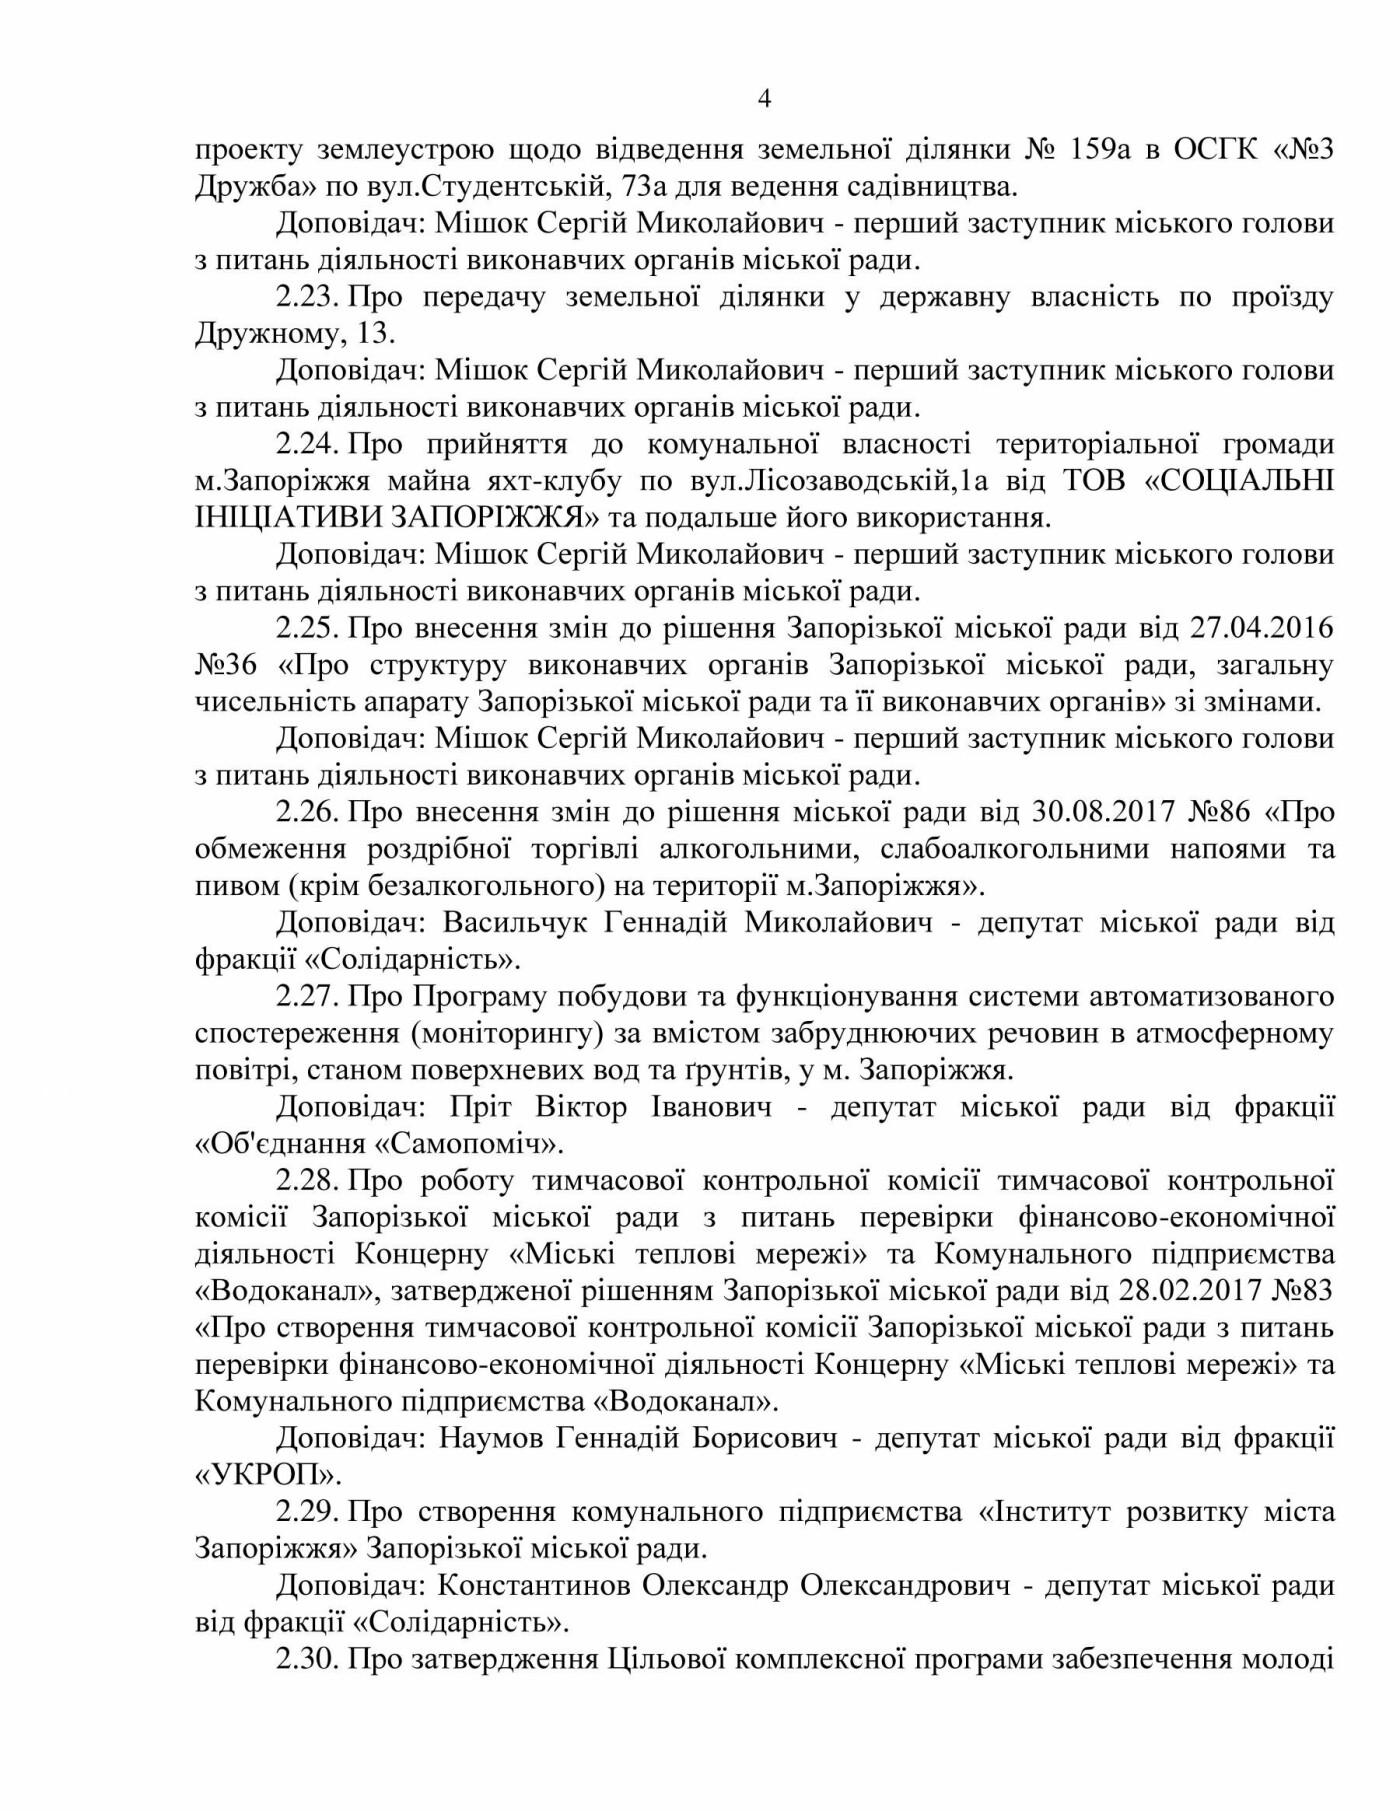 Мэр Запорожья созывает сессию: какие вопросы на повестке дня, - ДОКУМЕНТ , фото-4